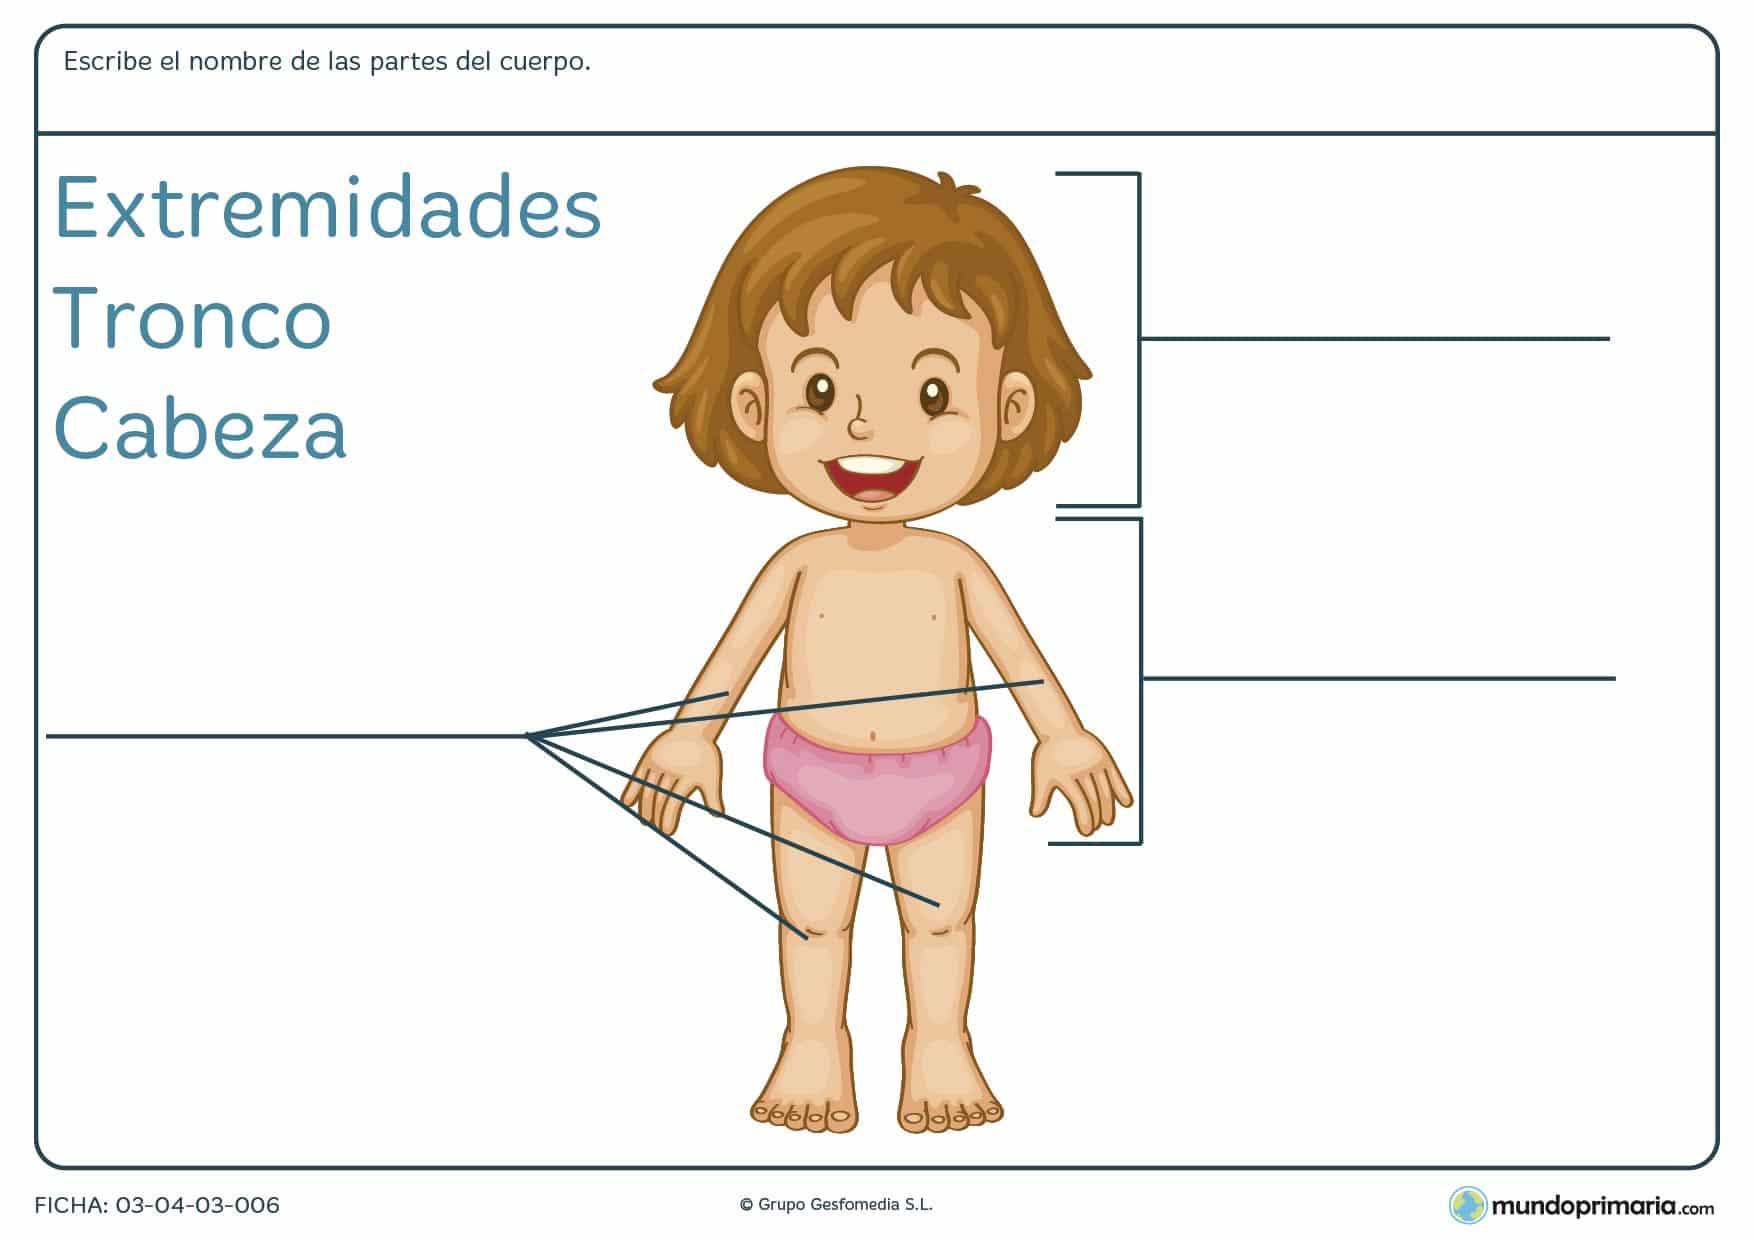 Ficha de las partes del cuerpo para que los niños de 6 años aprendan las partes del cuerpo